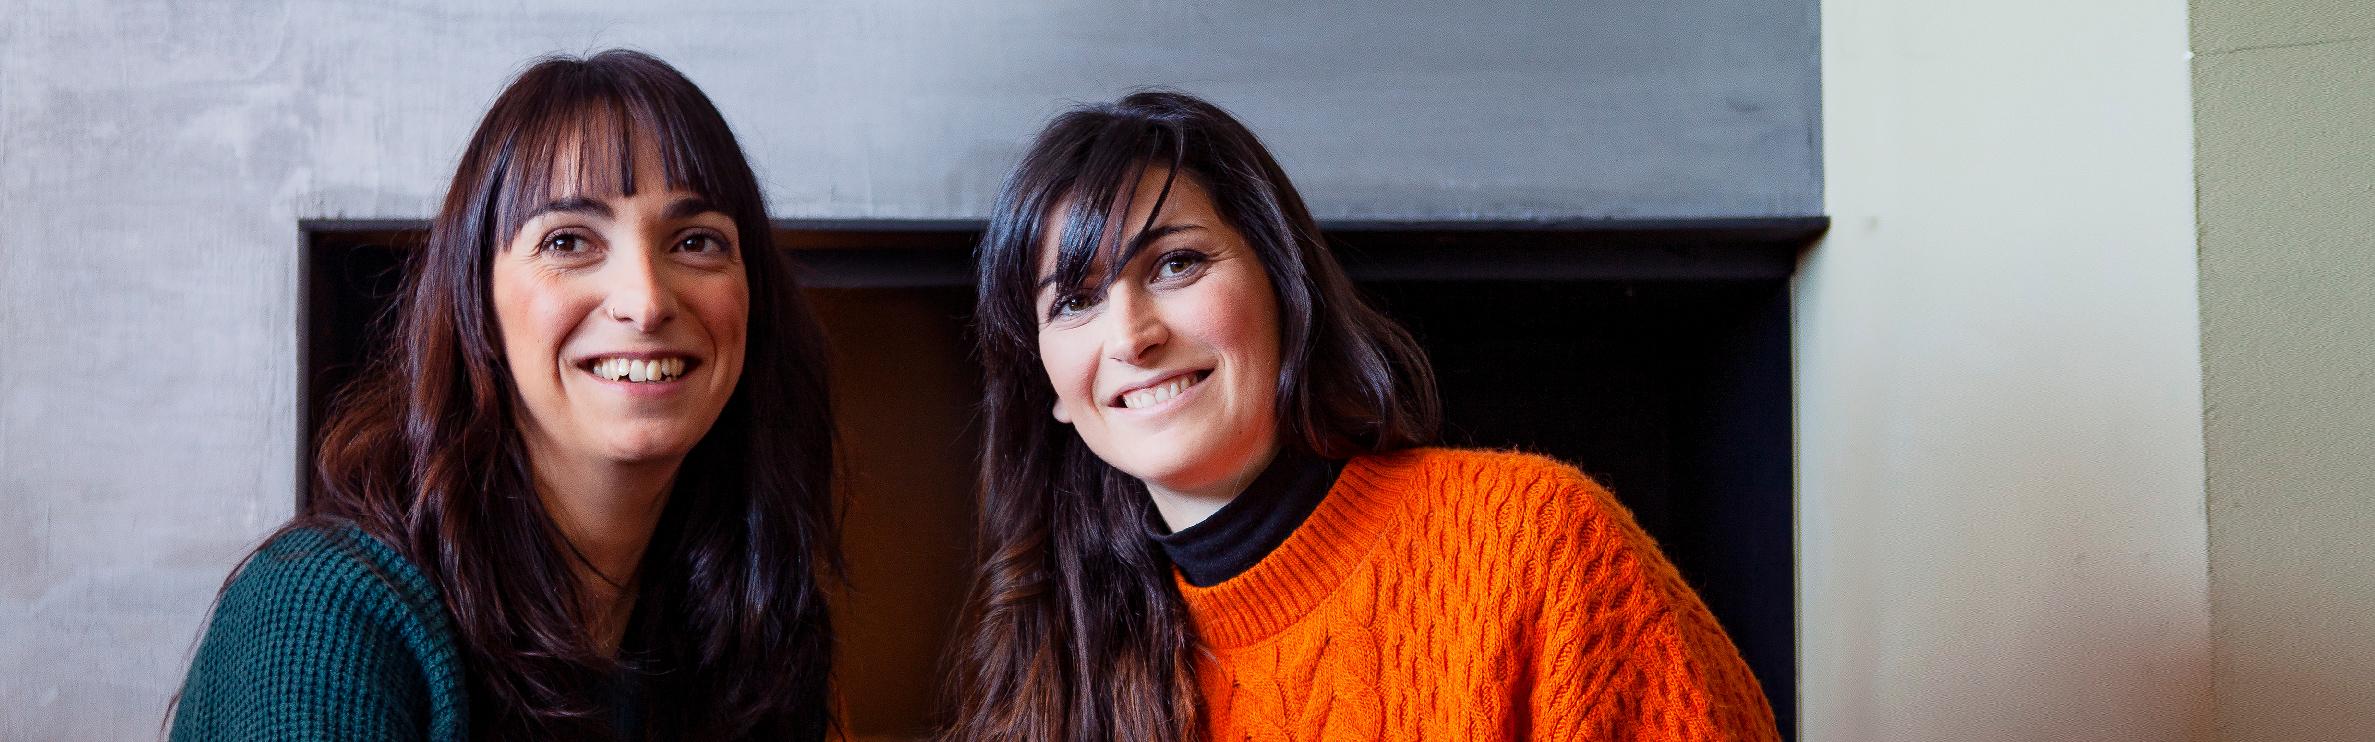 Psico2 | Georgina Barceló i Alba Sabaté